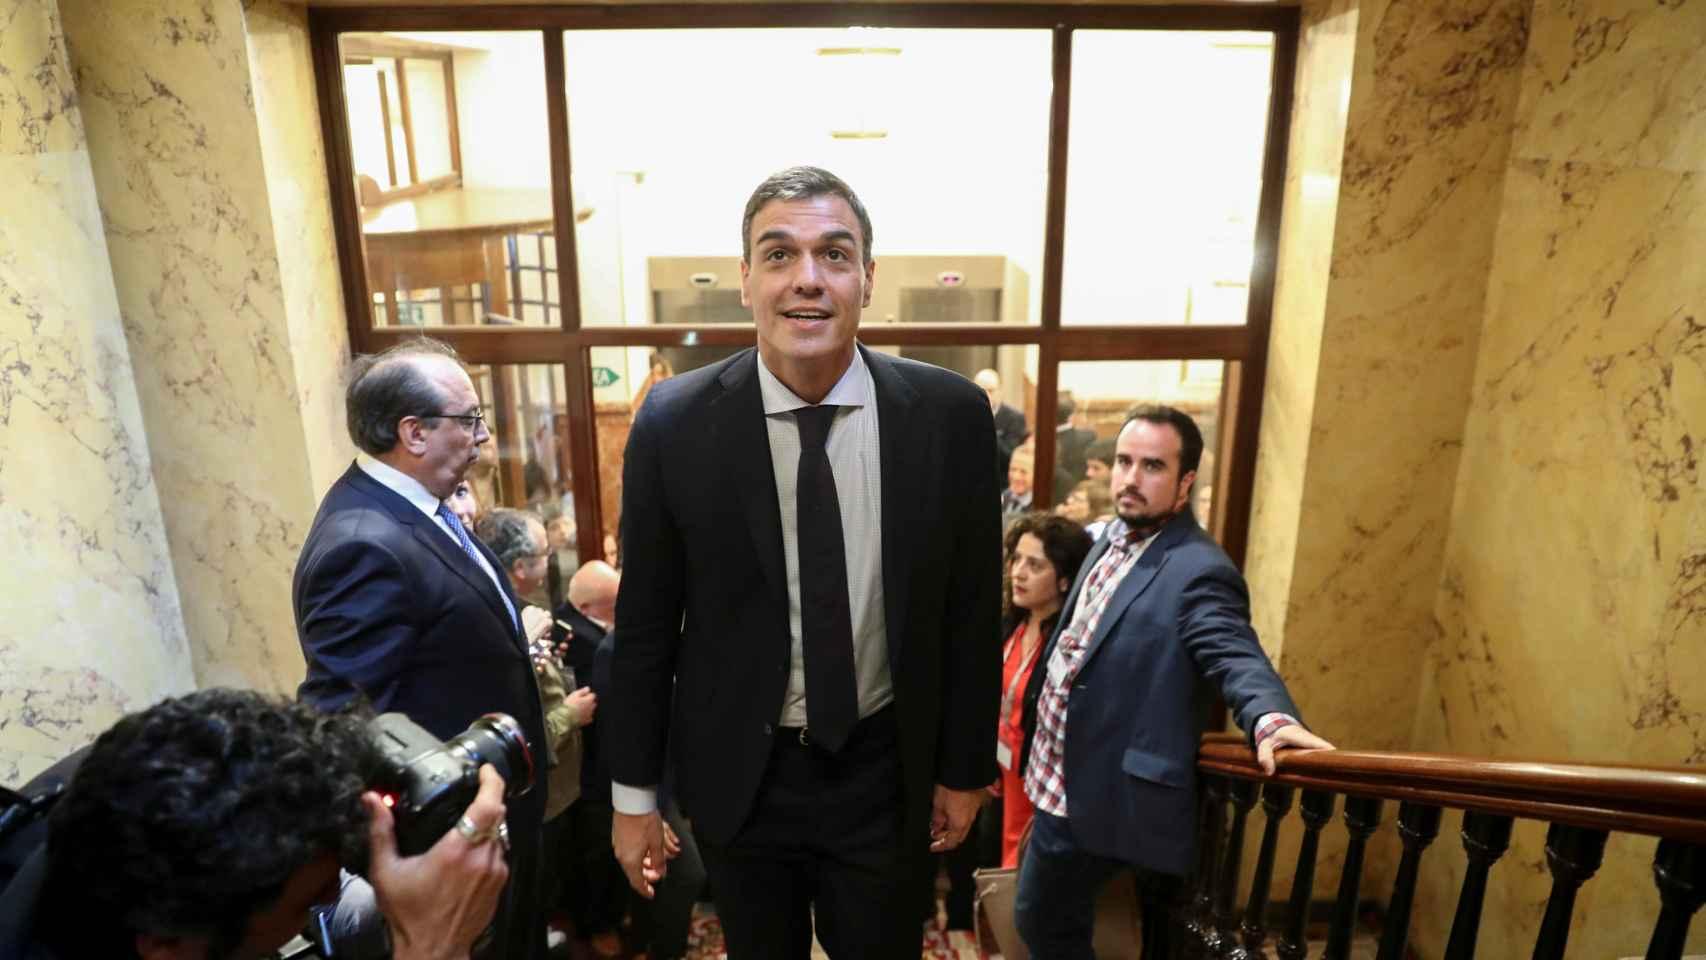 Pedro Sánchez abandona la cámara del Congreso tras la votación.